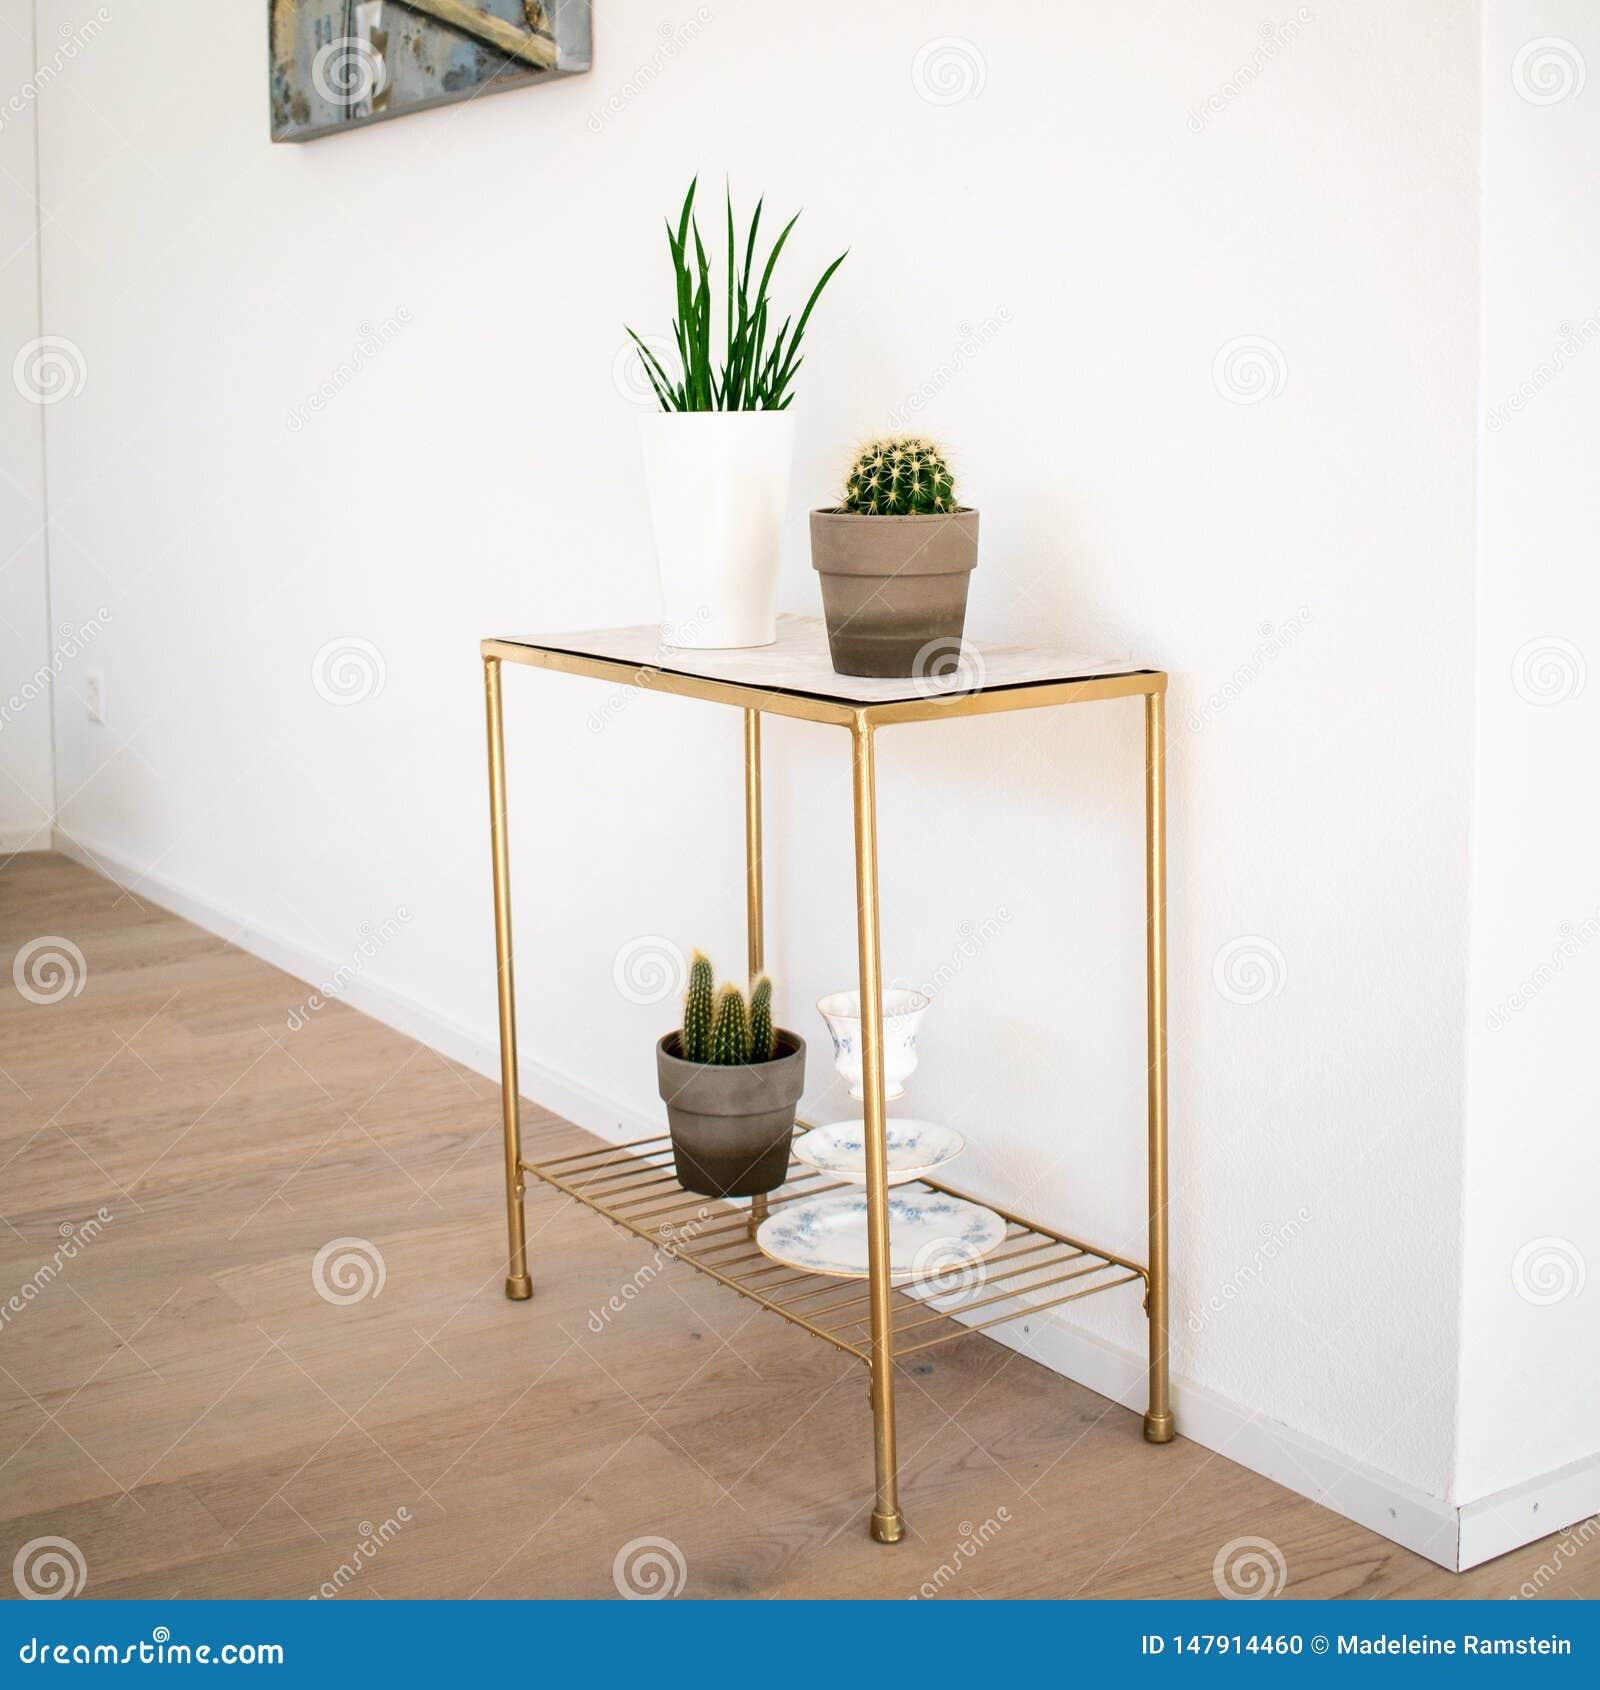 Wewnętrzna dekoracja; marmur strony stół z salowymi roślinami na parkietowej podłodze